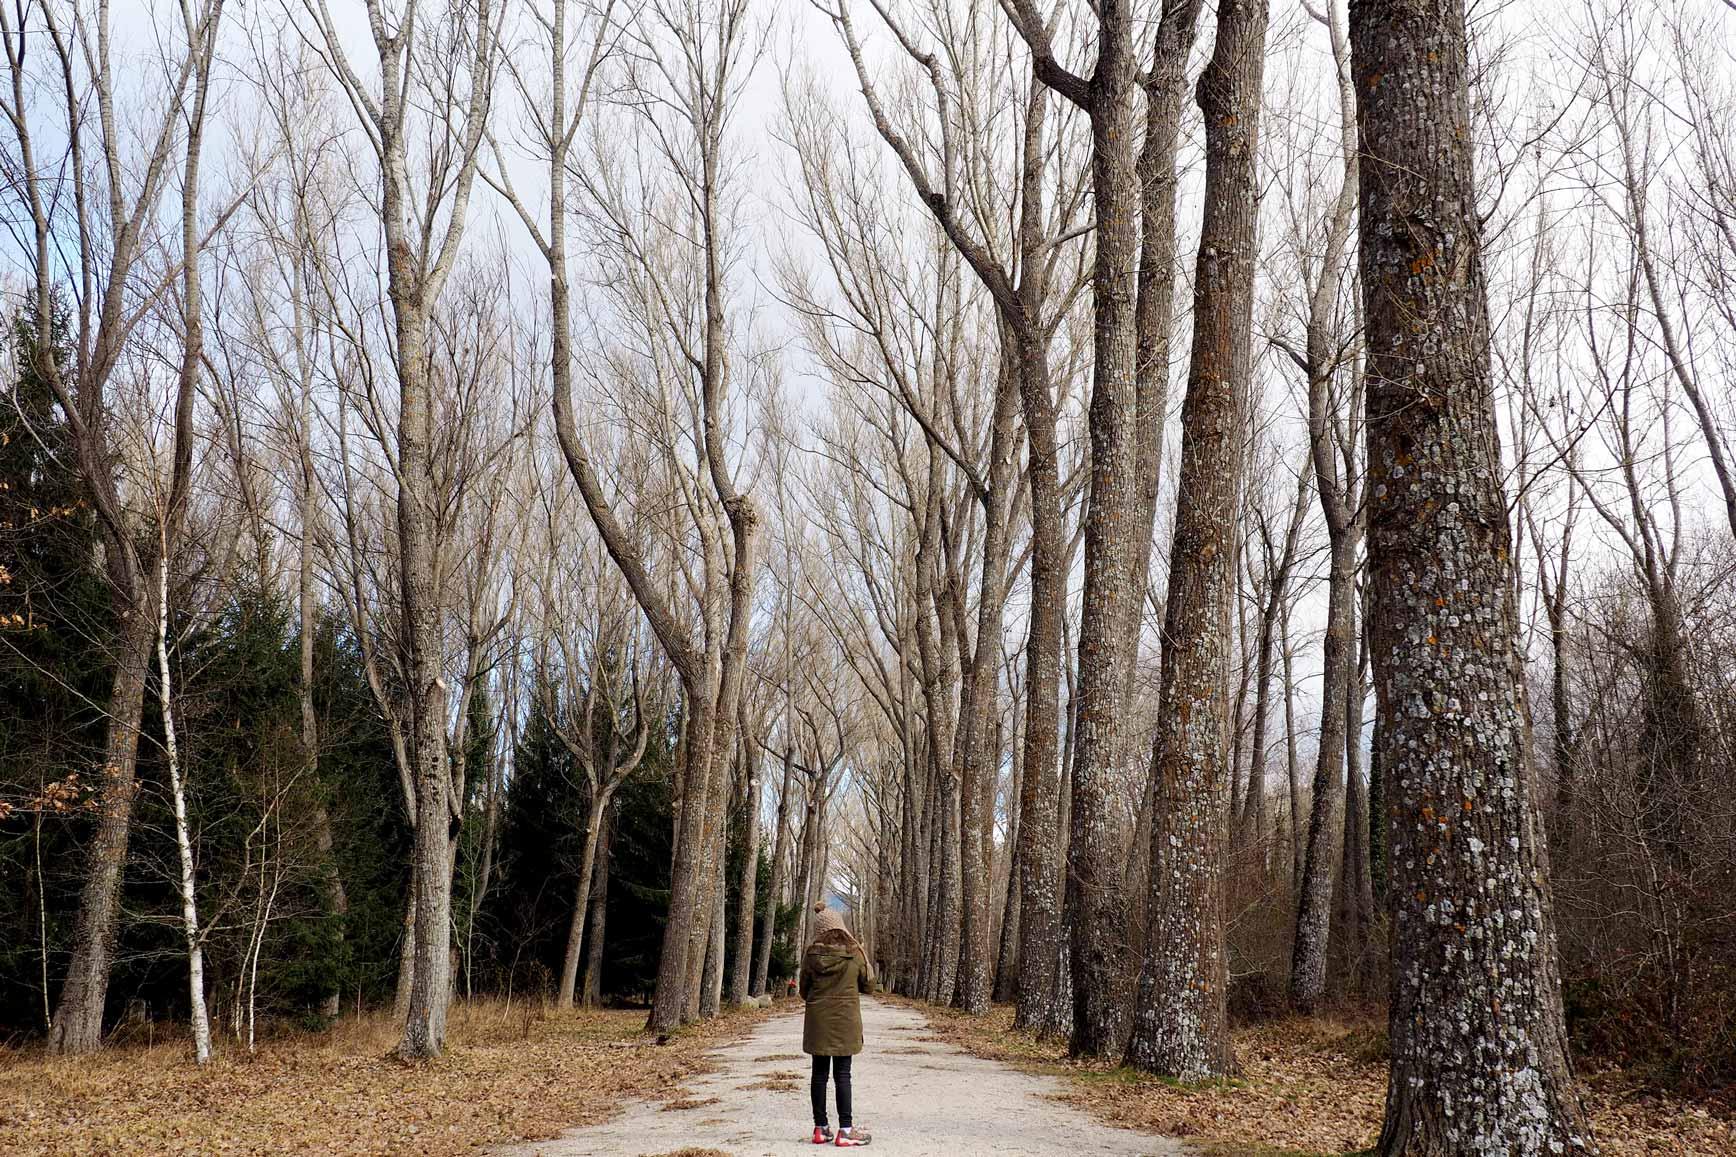 Bosques cerca de Madrid para ir con niños - Bosque de Finlandia